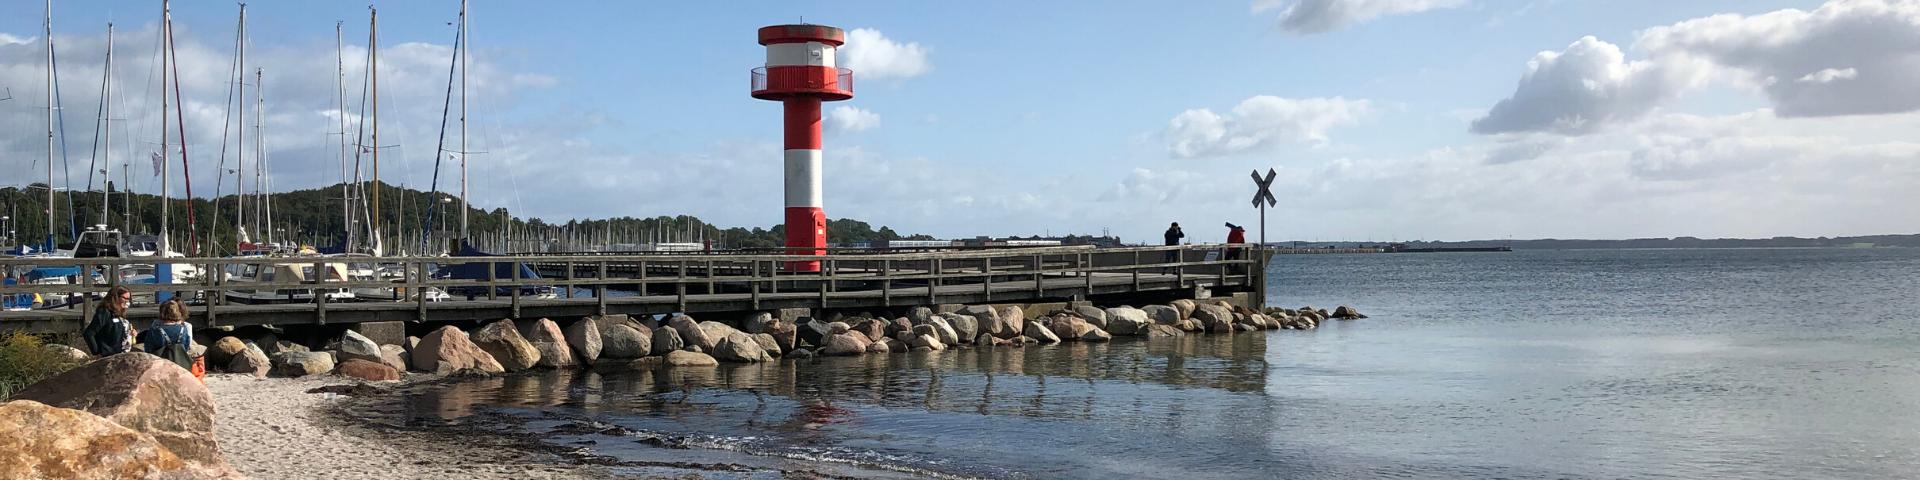 havn med fyrtårn